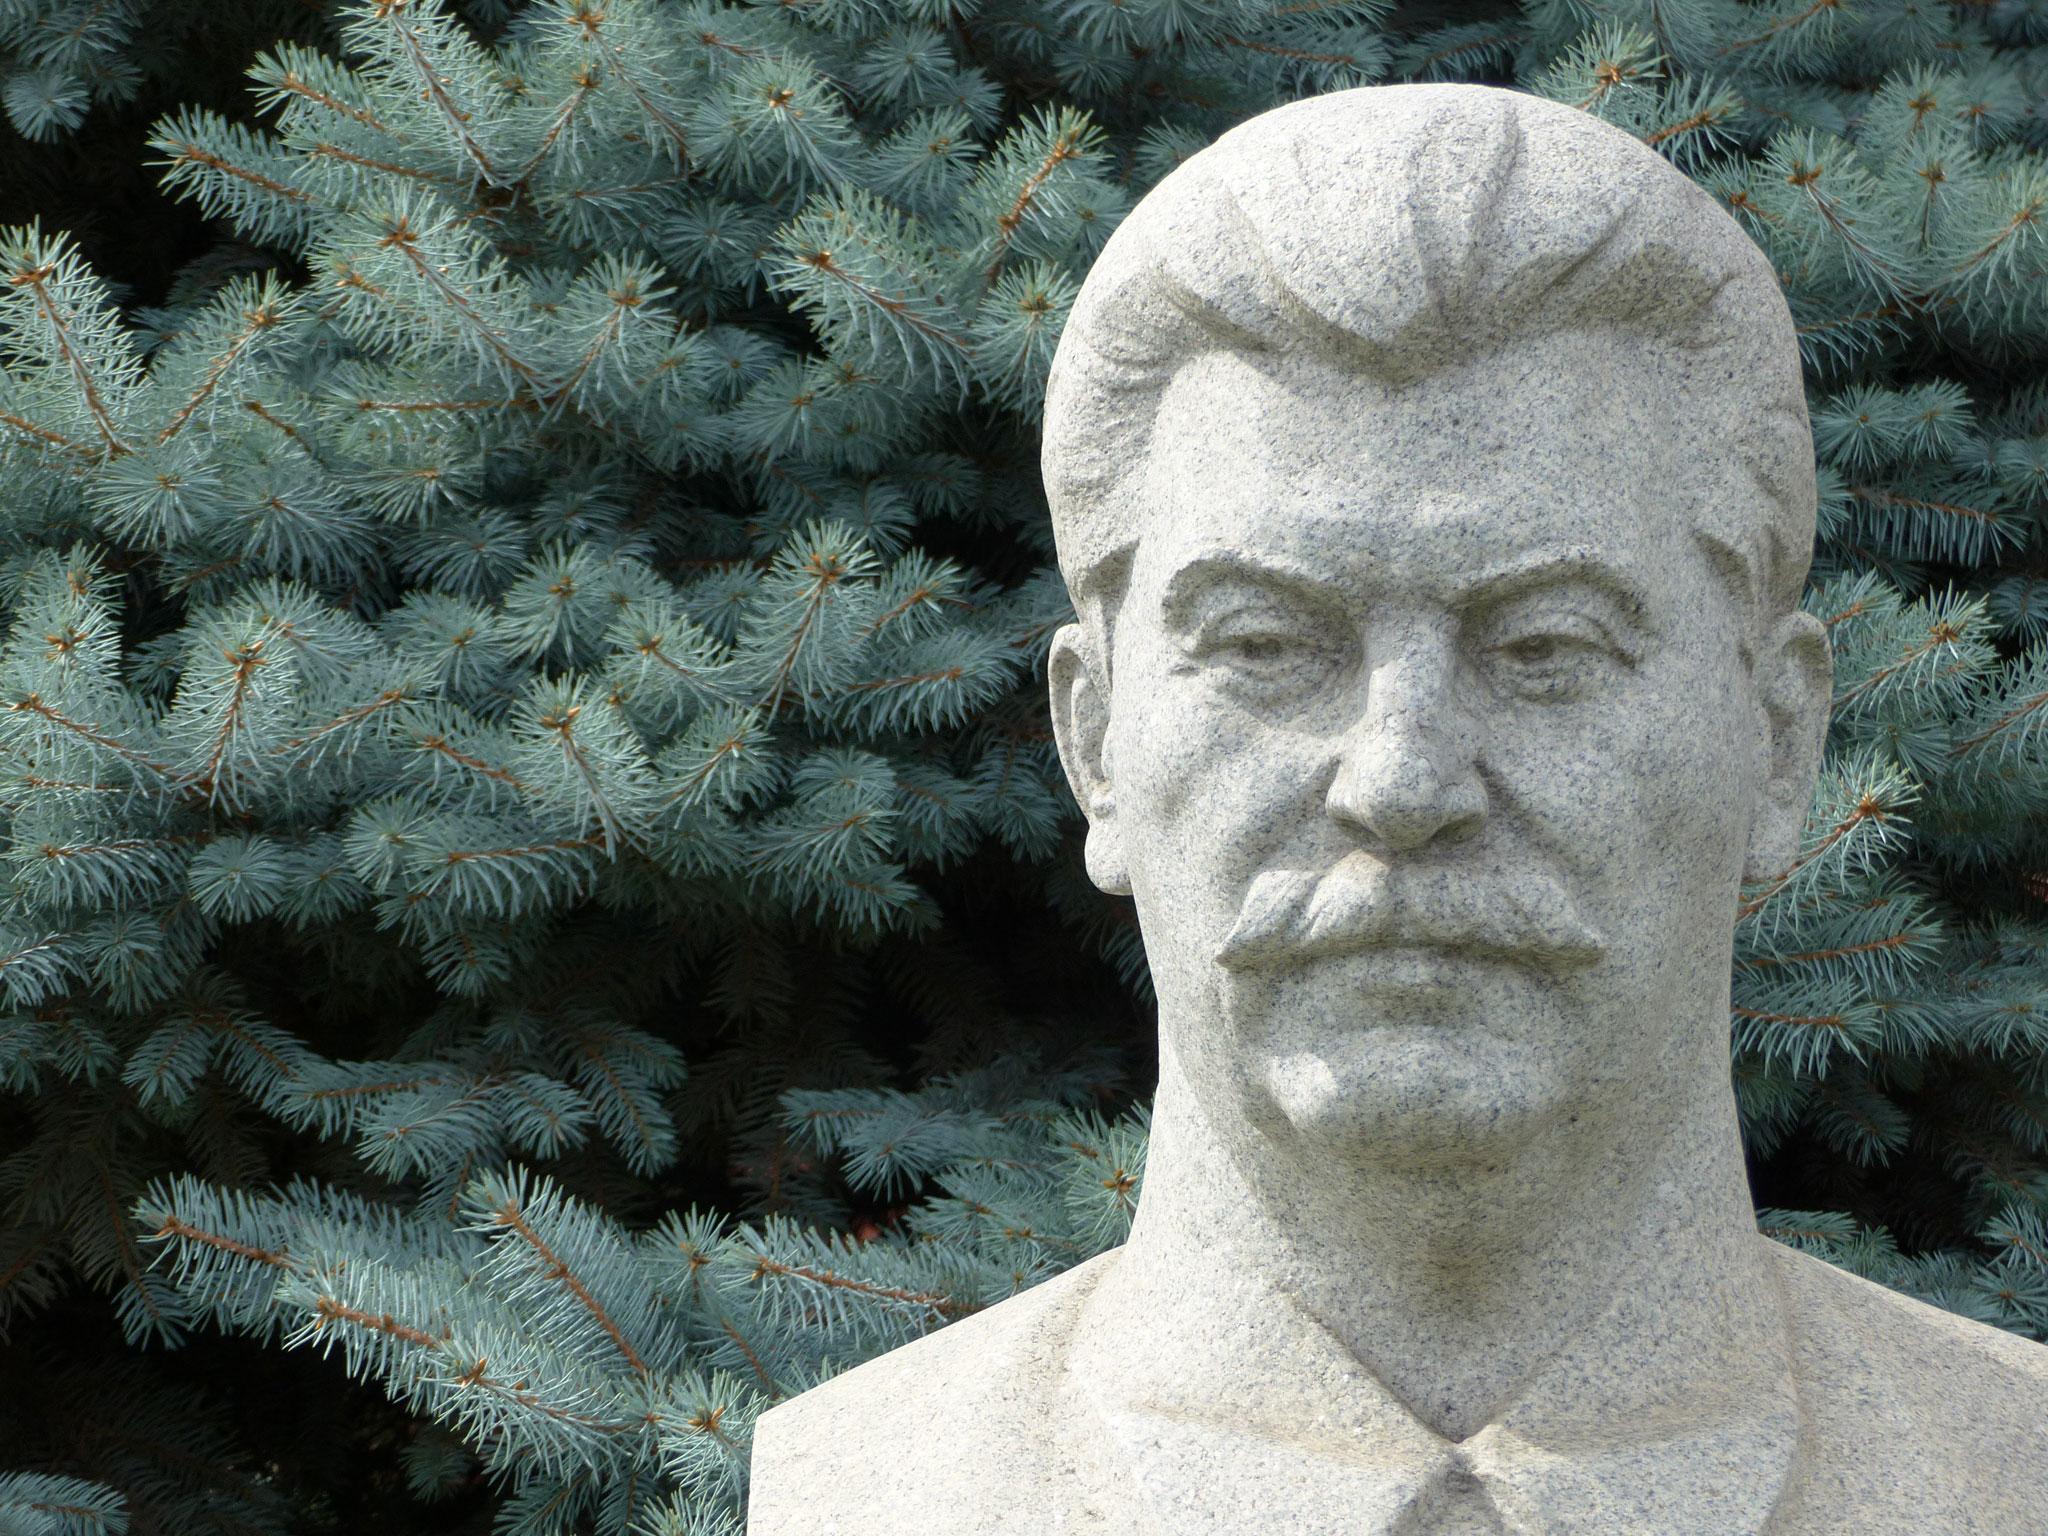 Tumba_de_Joseph_Stalin_Moscow_Rusia_2016_02